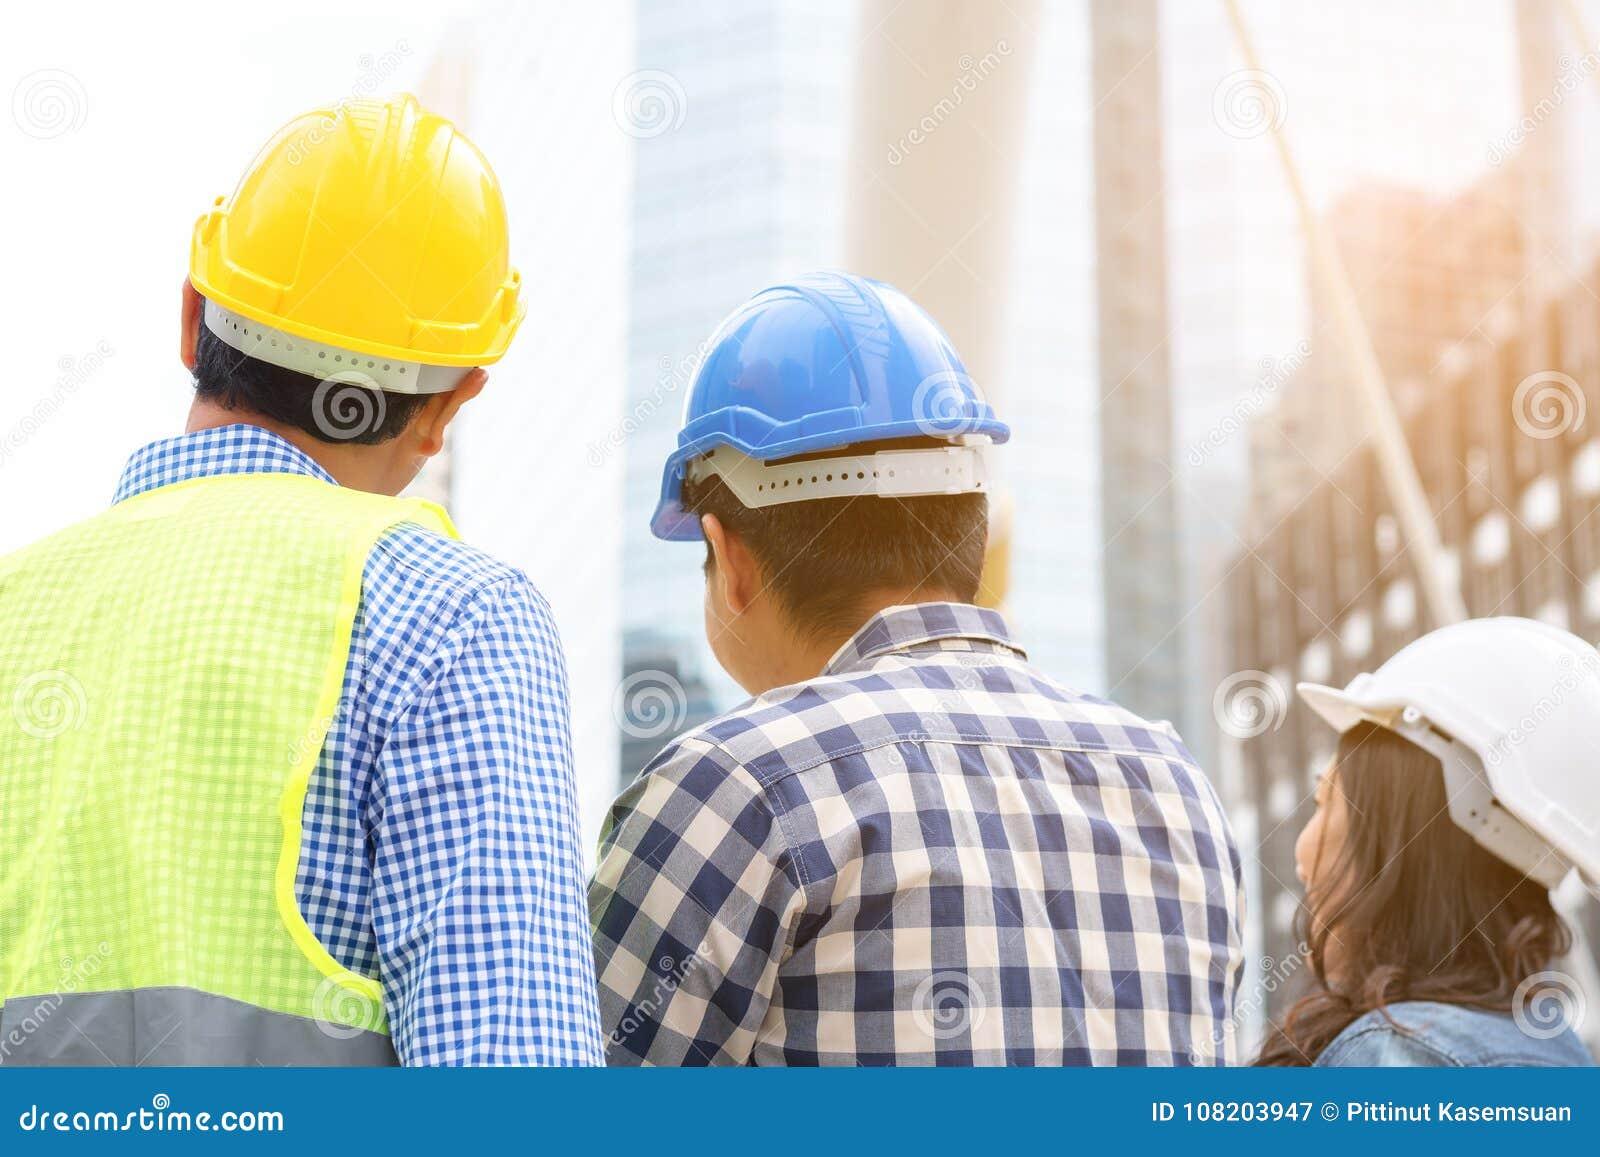 Technikbaukonzept: Berufsingenieur team mich